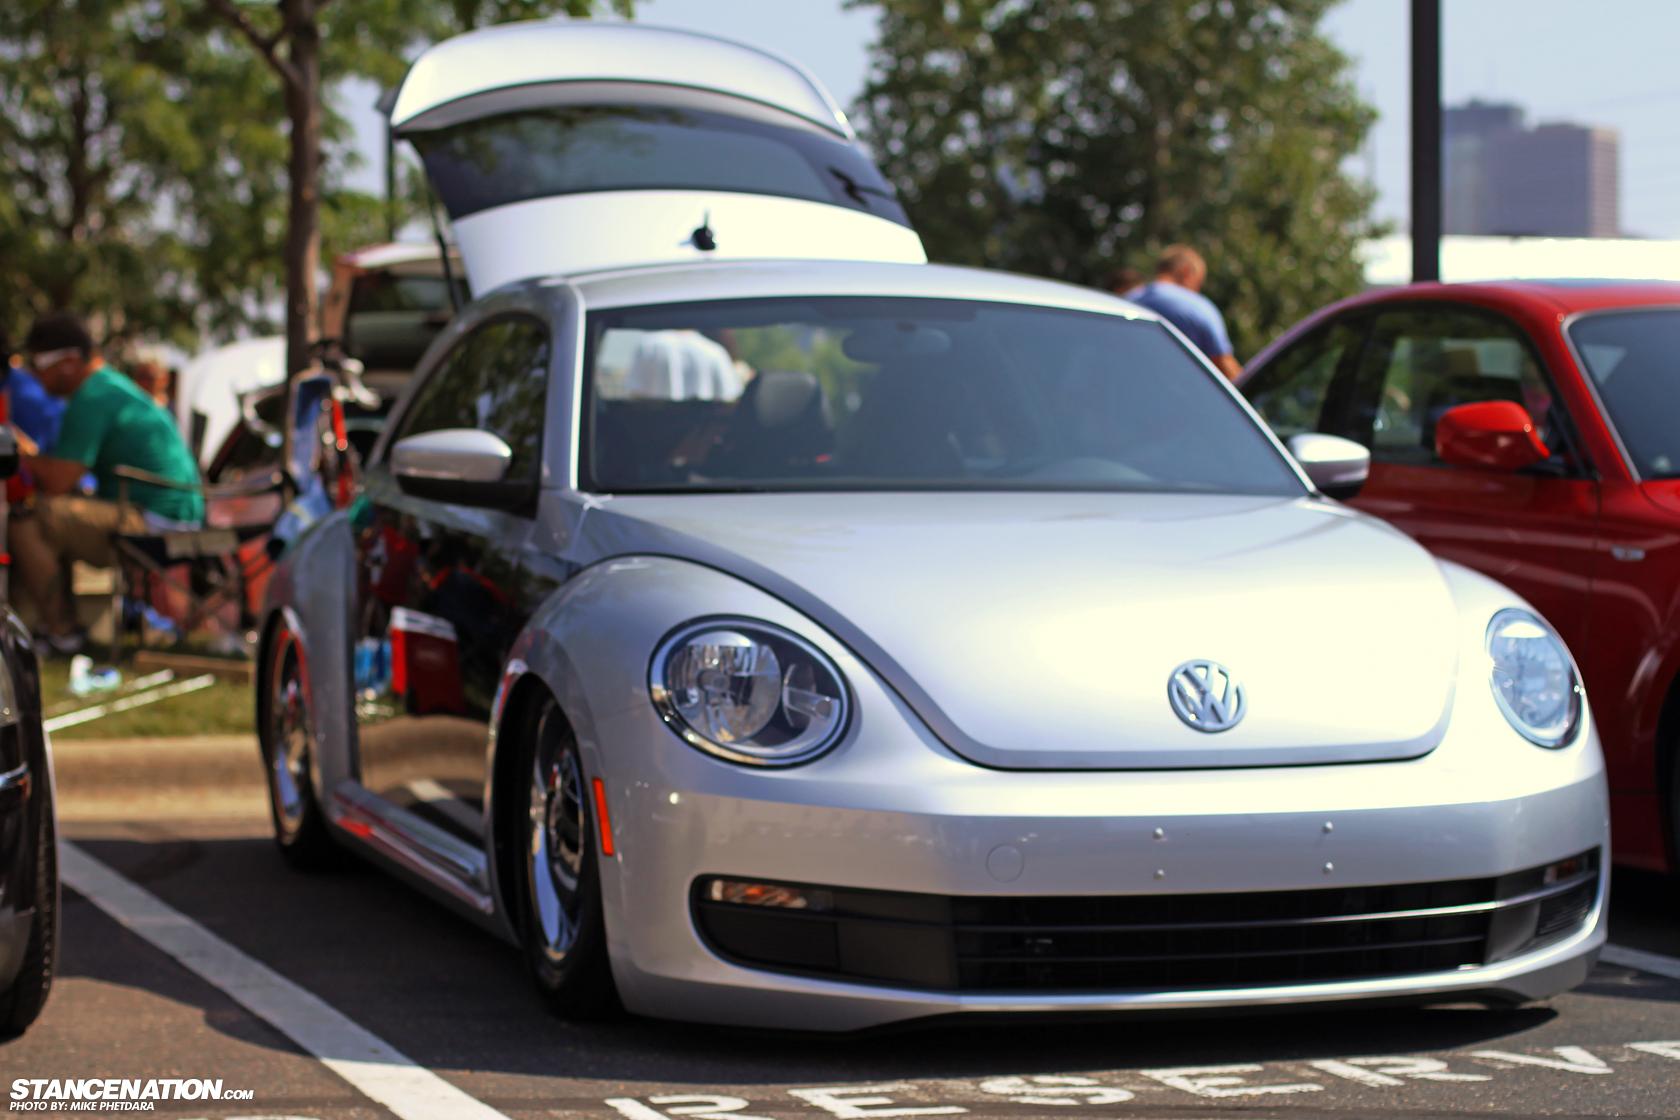 Germany Cars: Germany Cars